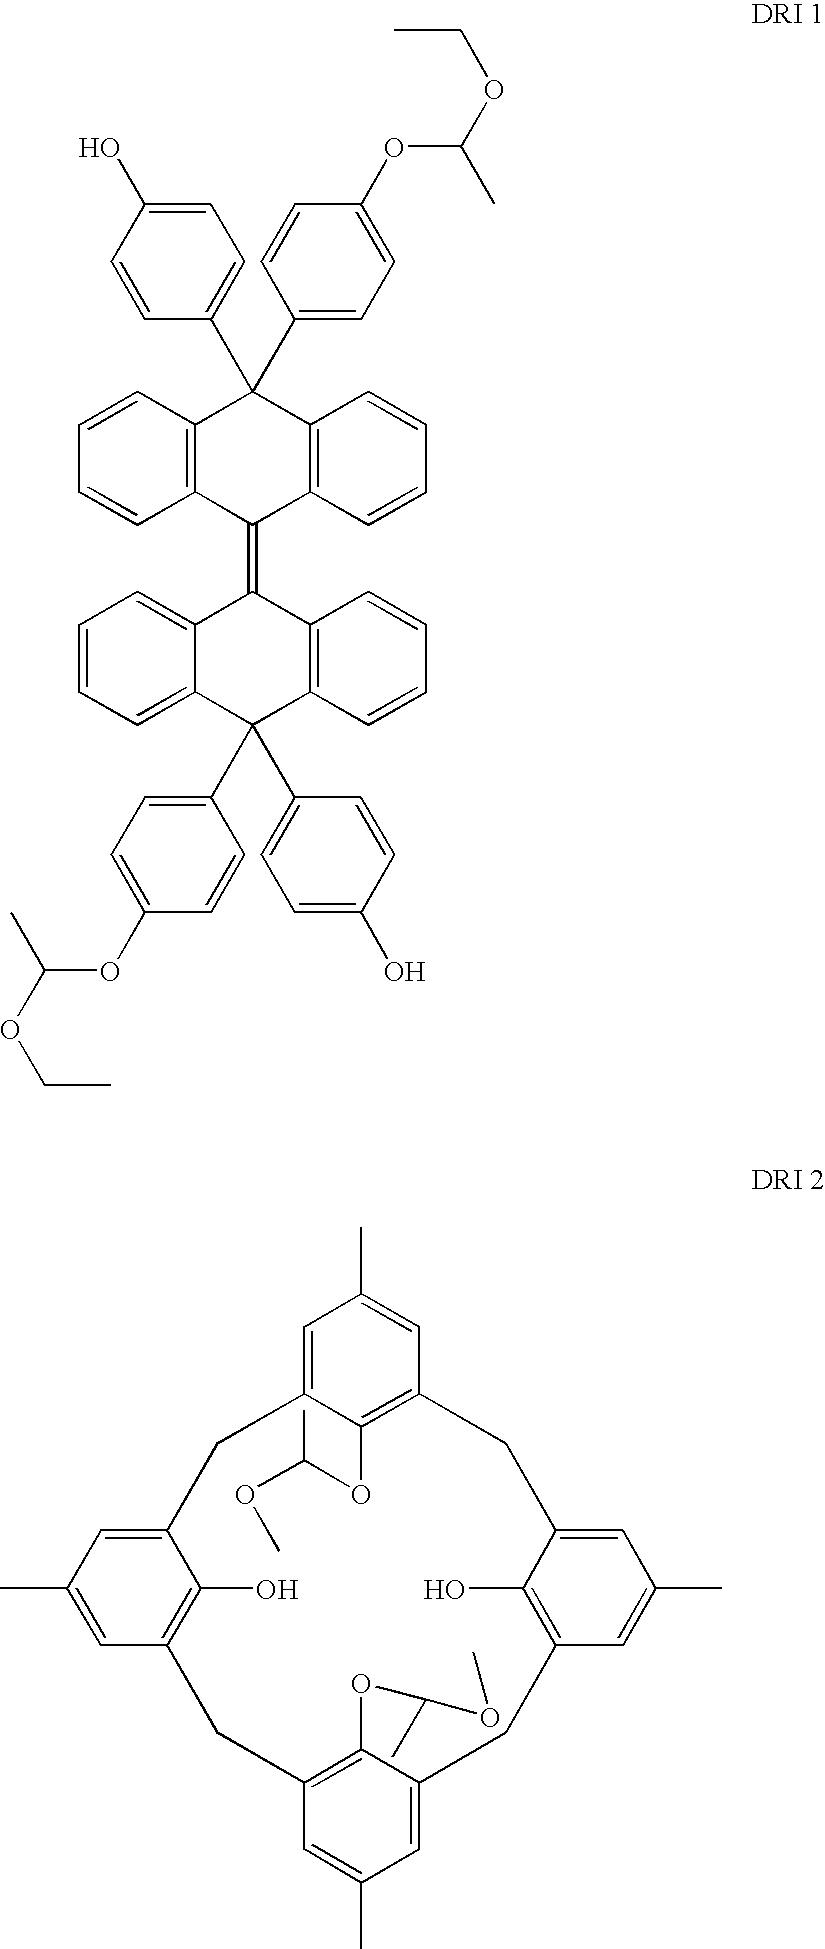 Figure US20080020289A1-20080124-C00081